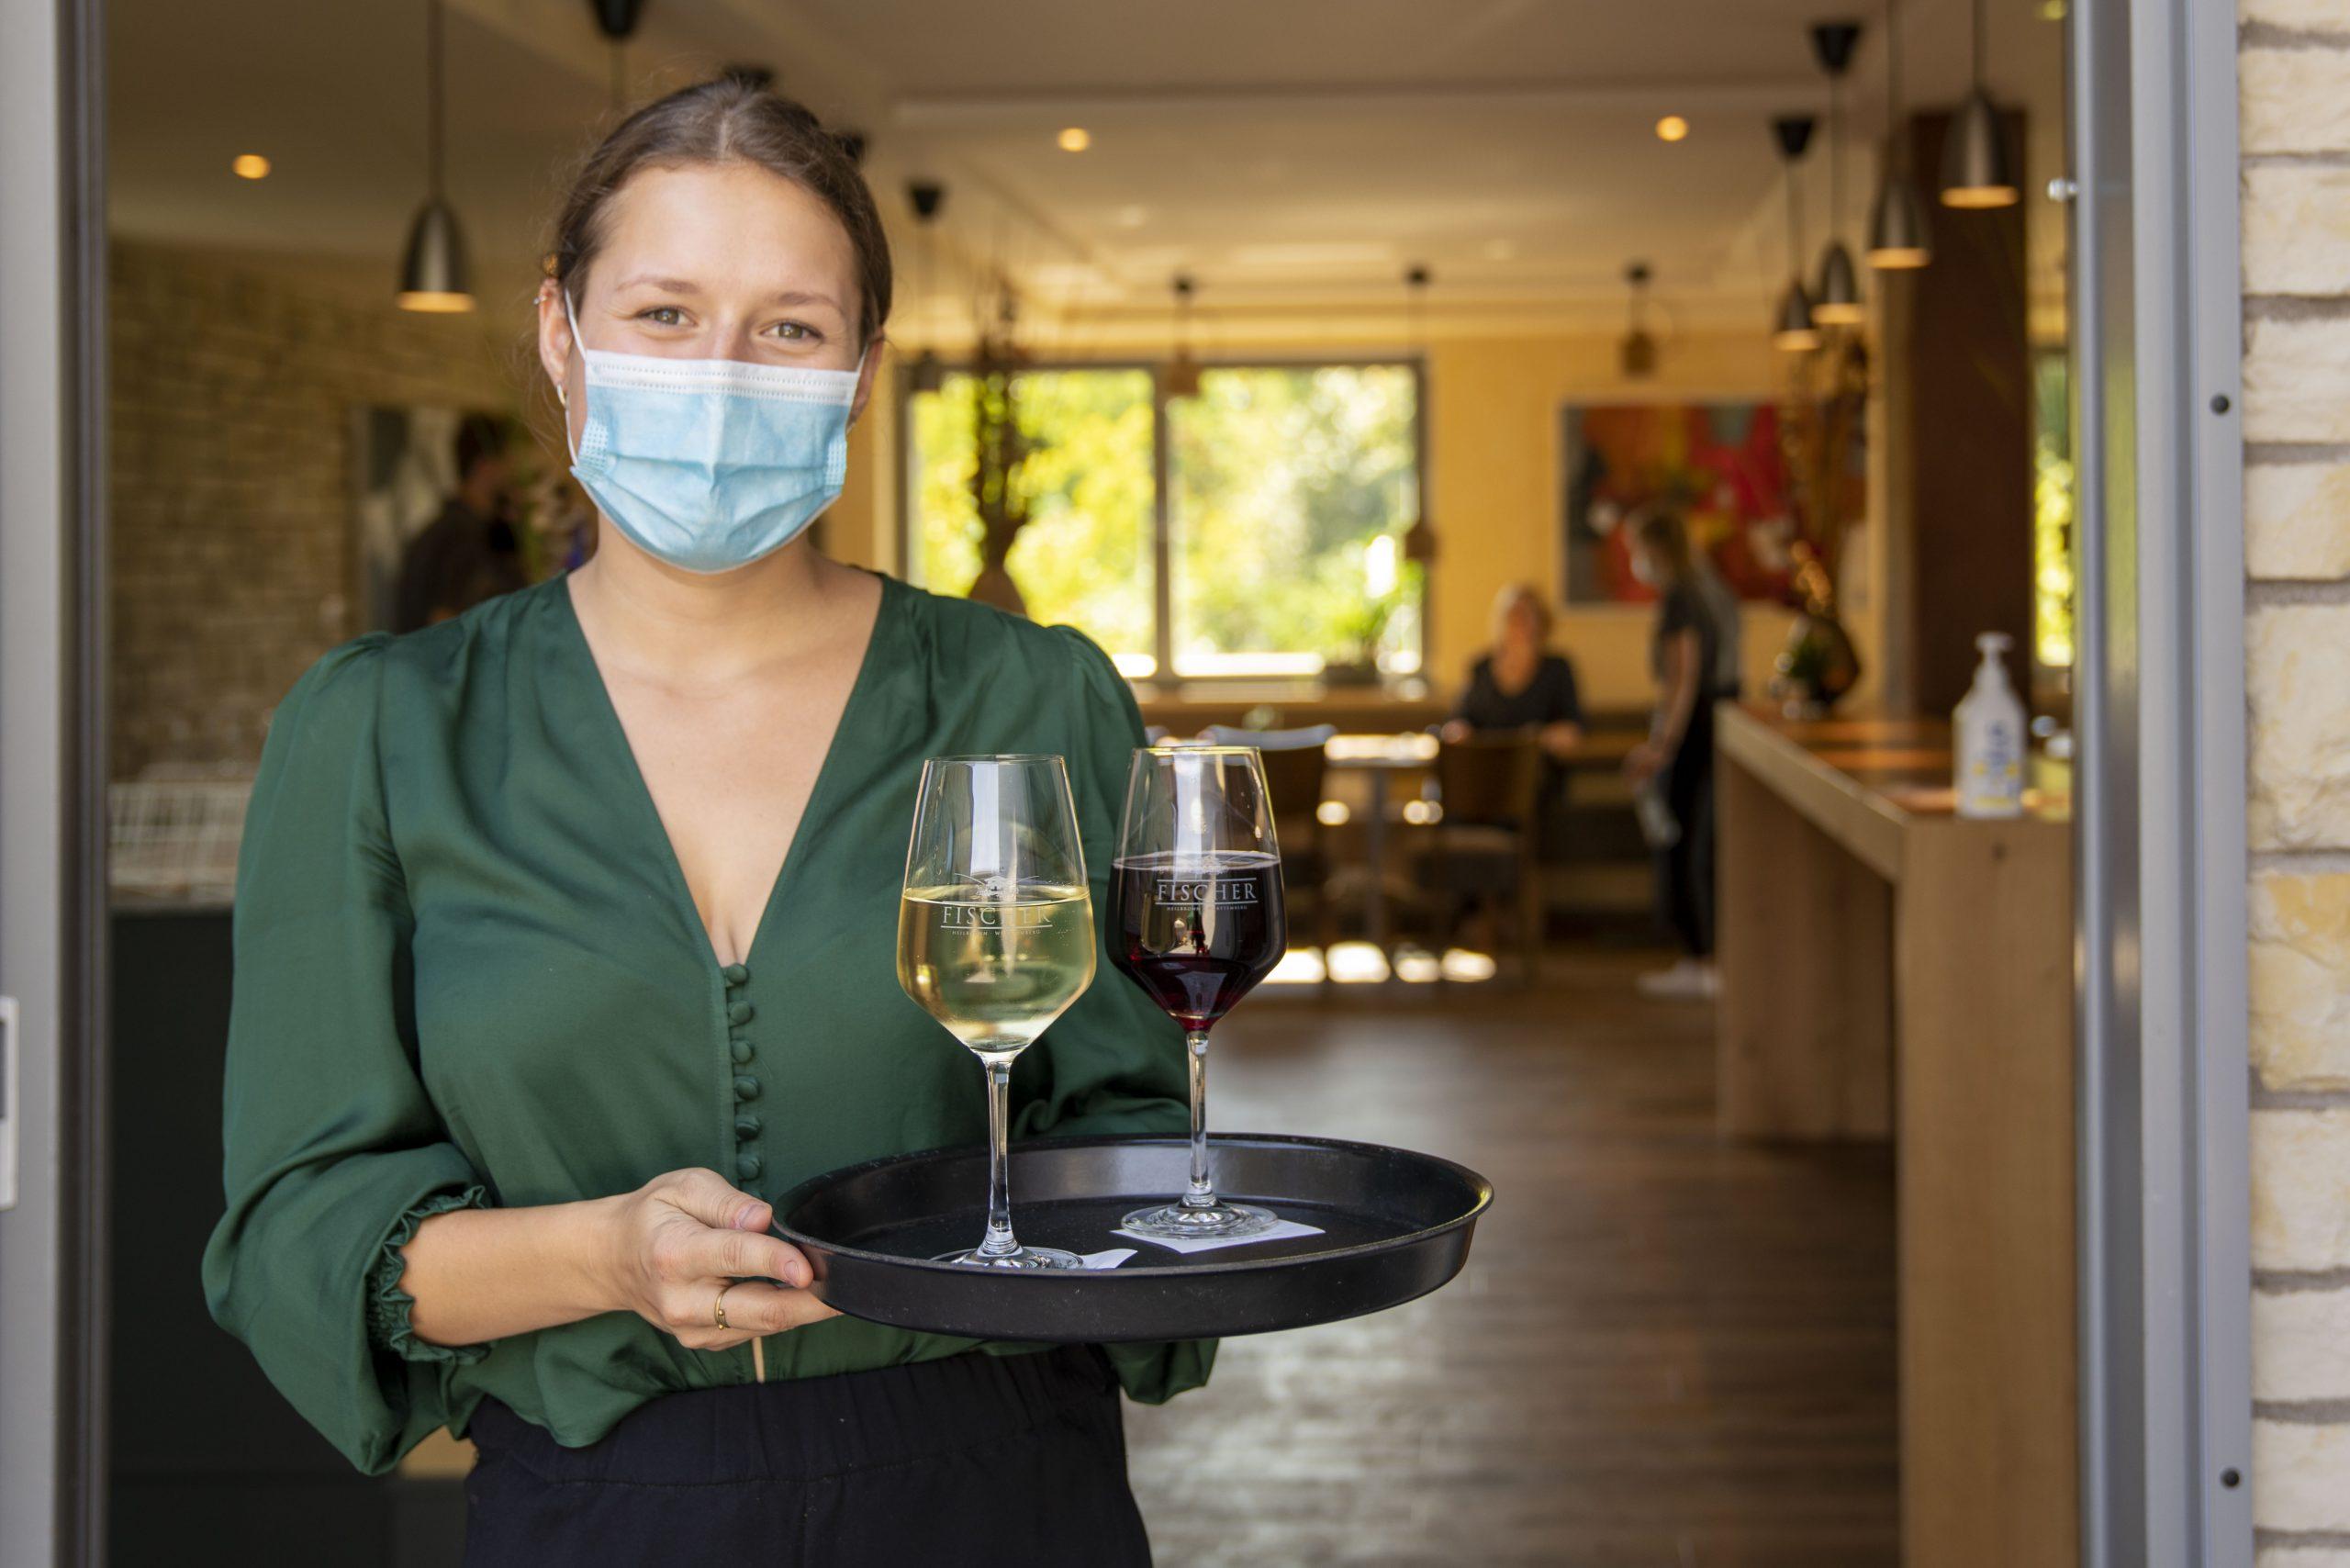 Junge Frau serviert Wein